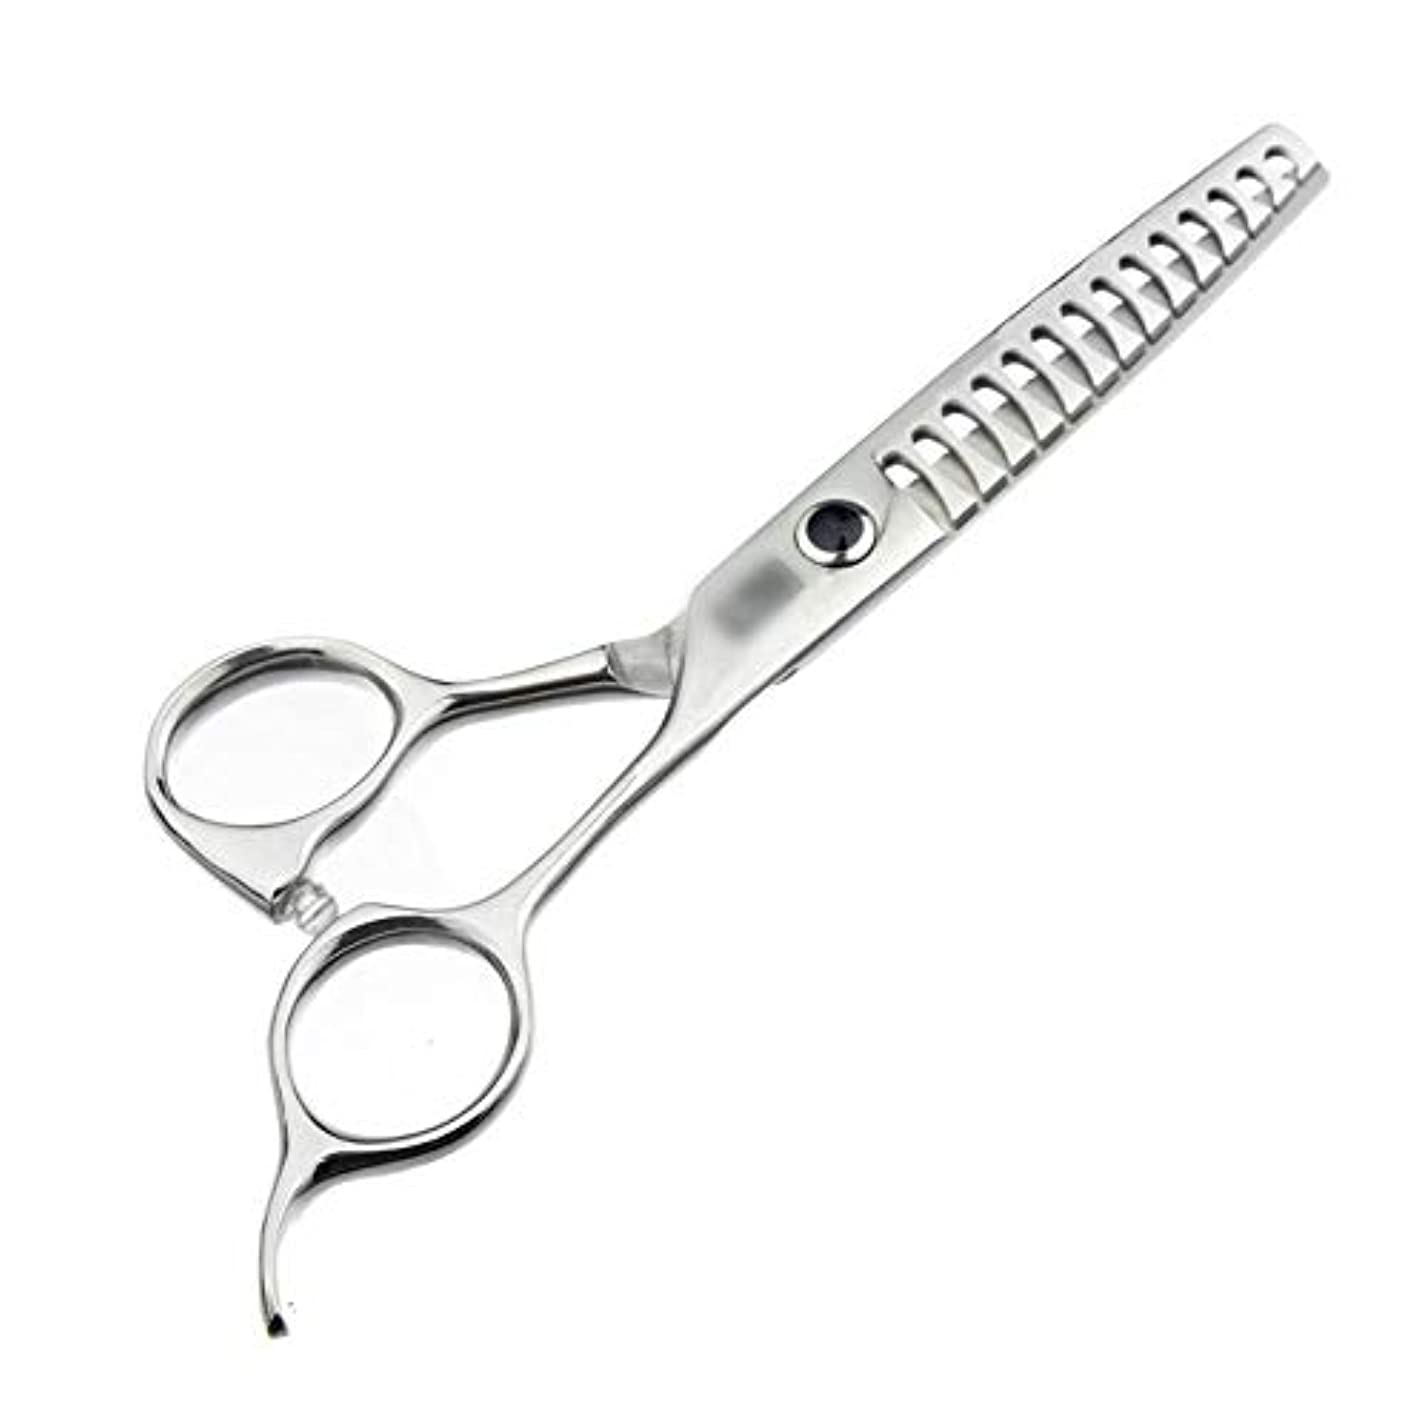 囲む補助金エミュレーション6インチハイエンド理髪はさみ、歯なしはさみ、魚骨はさみ モデリングツール (色 : Silver)